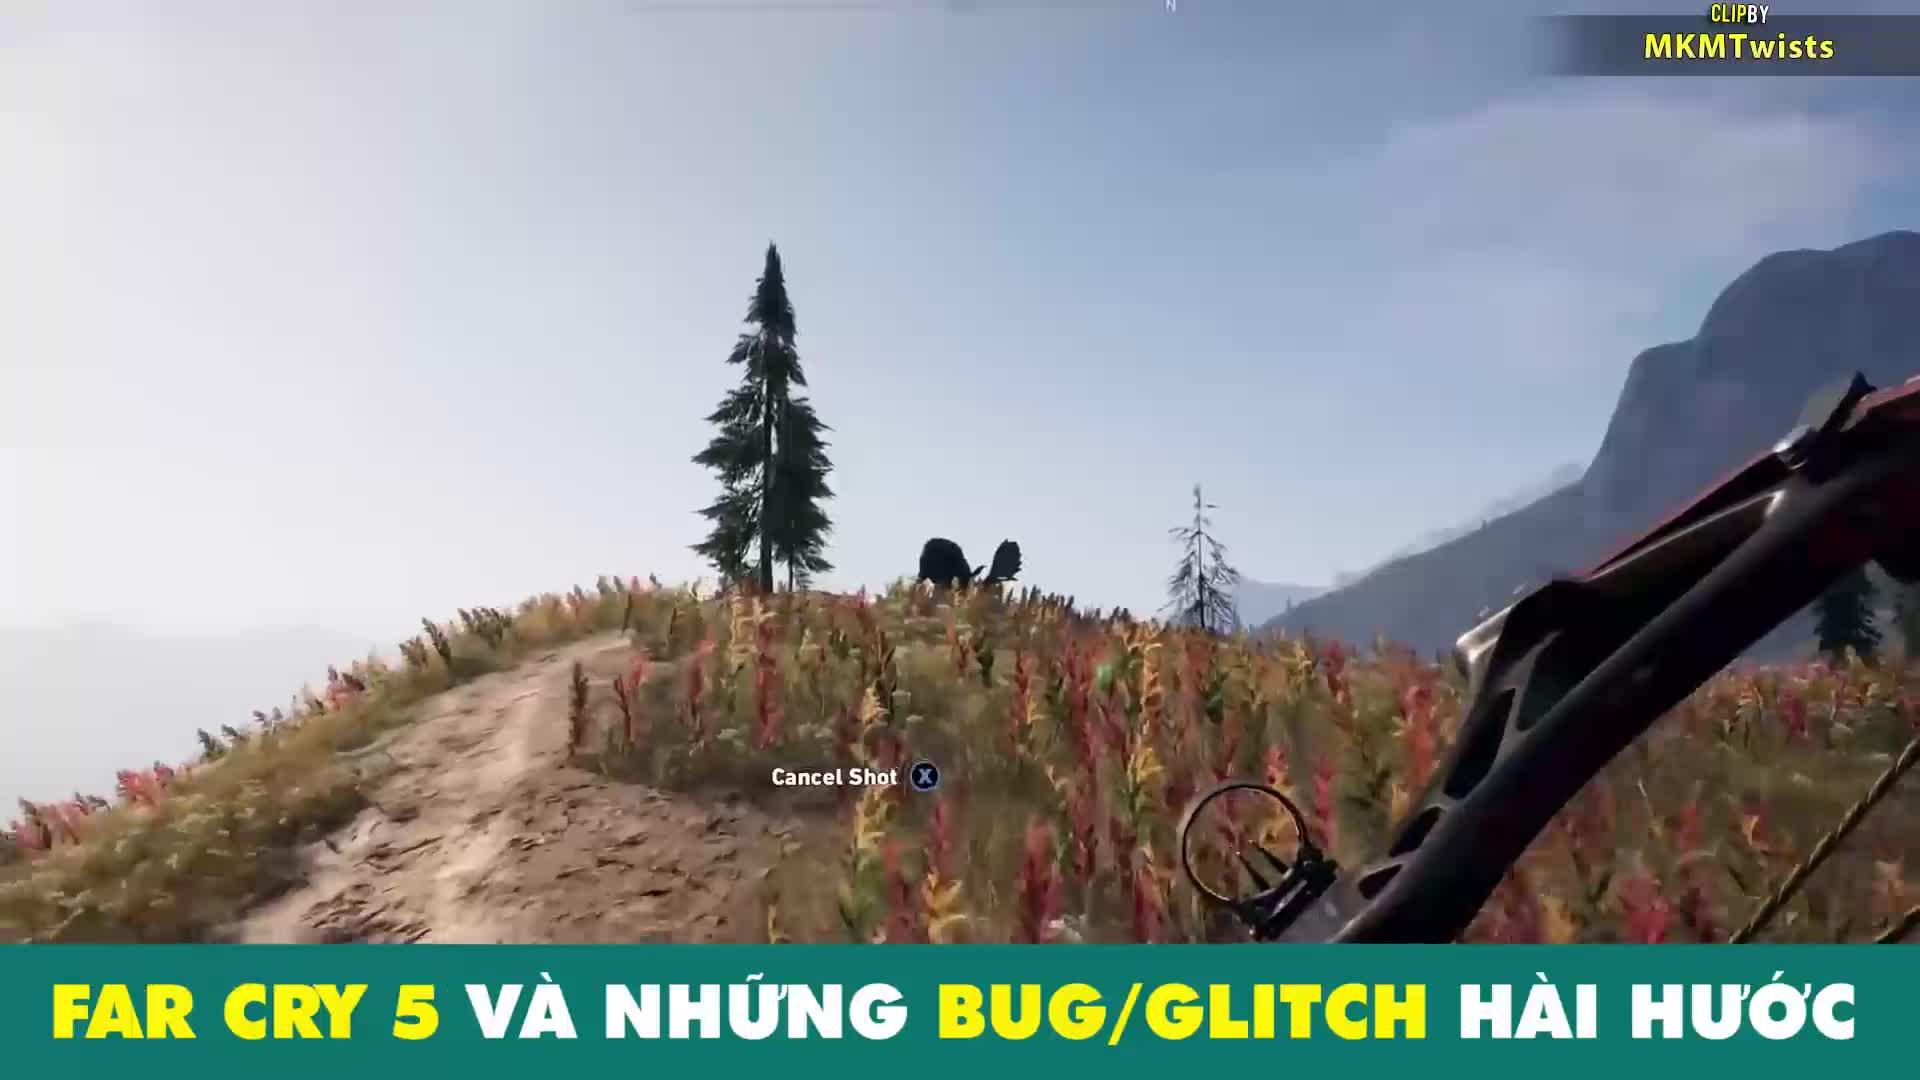 Chết cười với những bug hài hước trong Far Cry 5 - ảnh 1